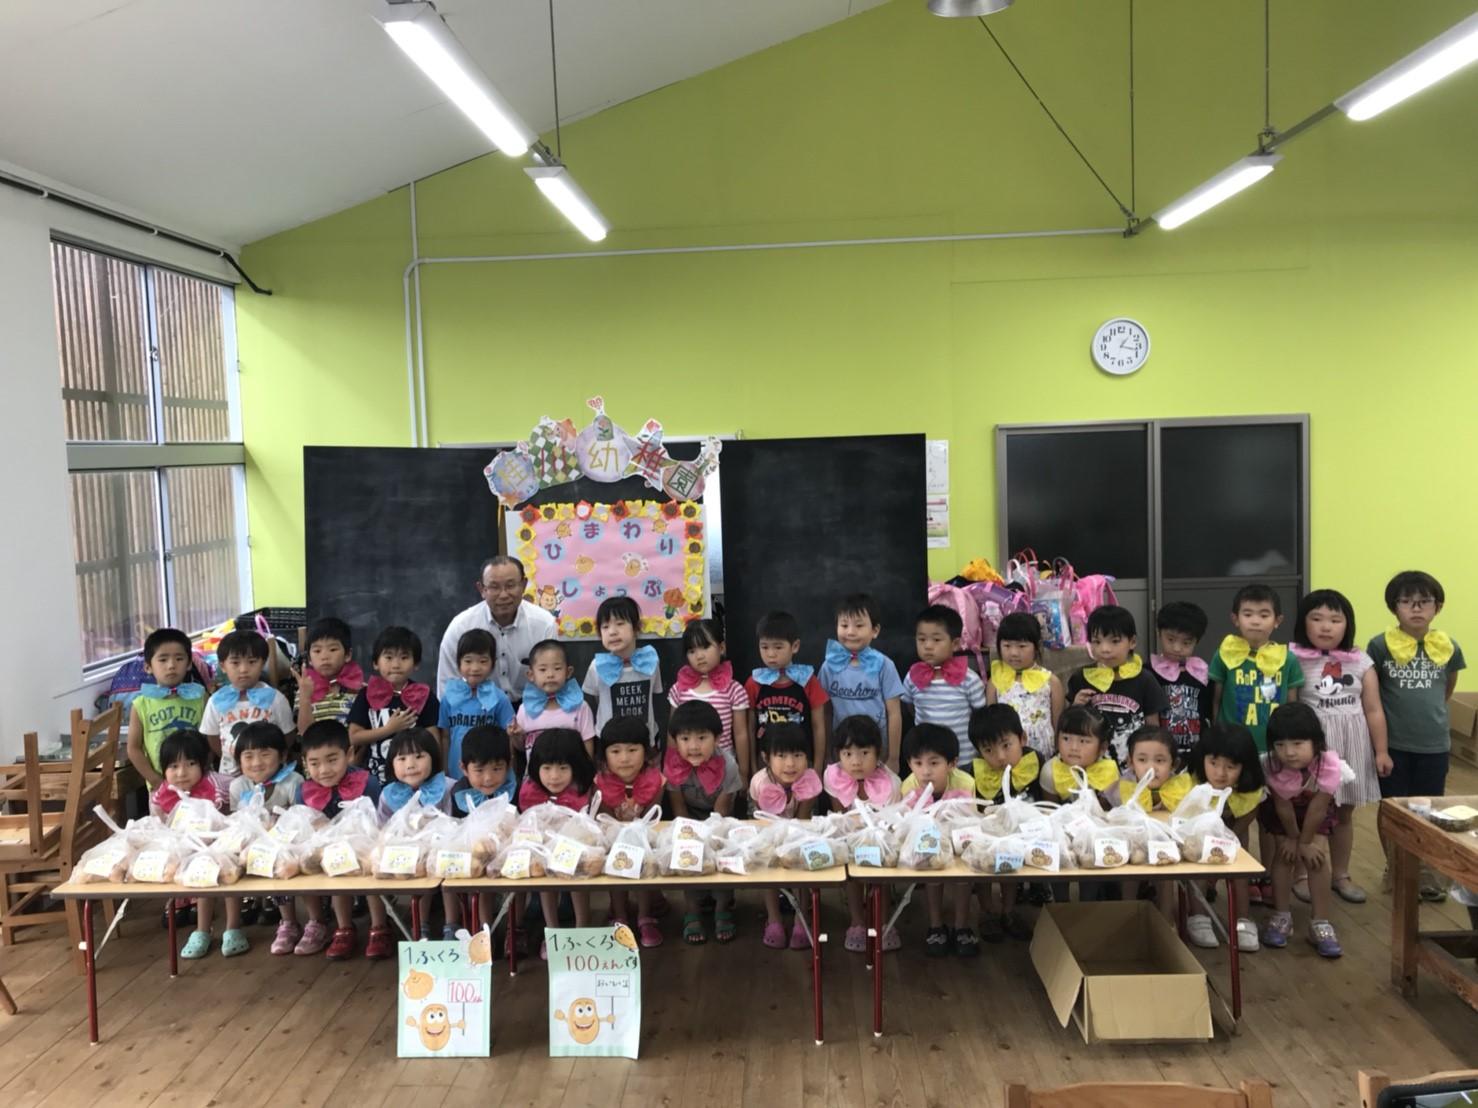 桂川幼稚園の園児たちによる野菜の販売会を行いました!